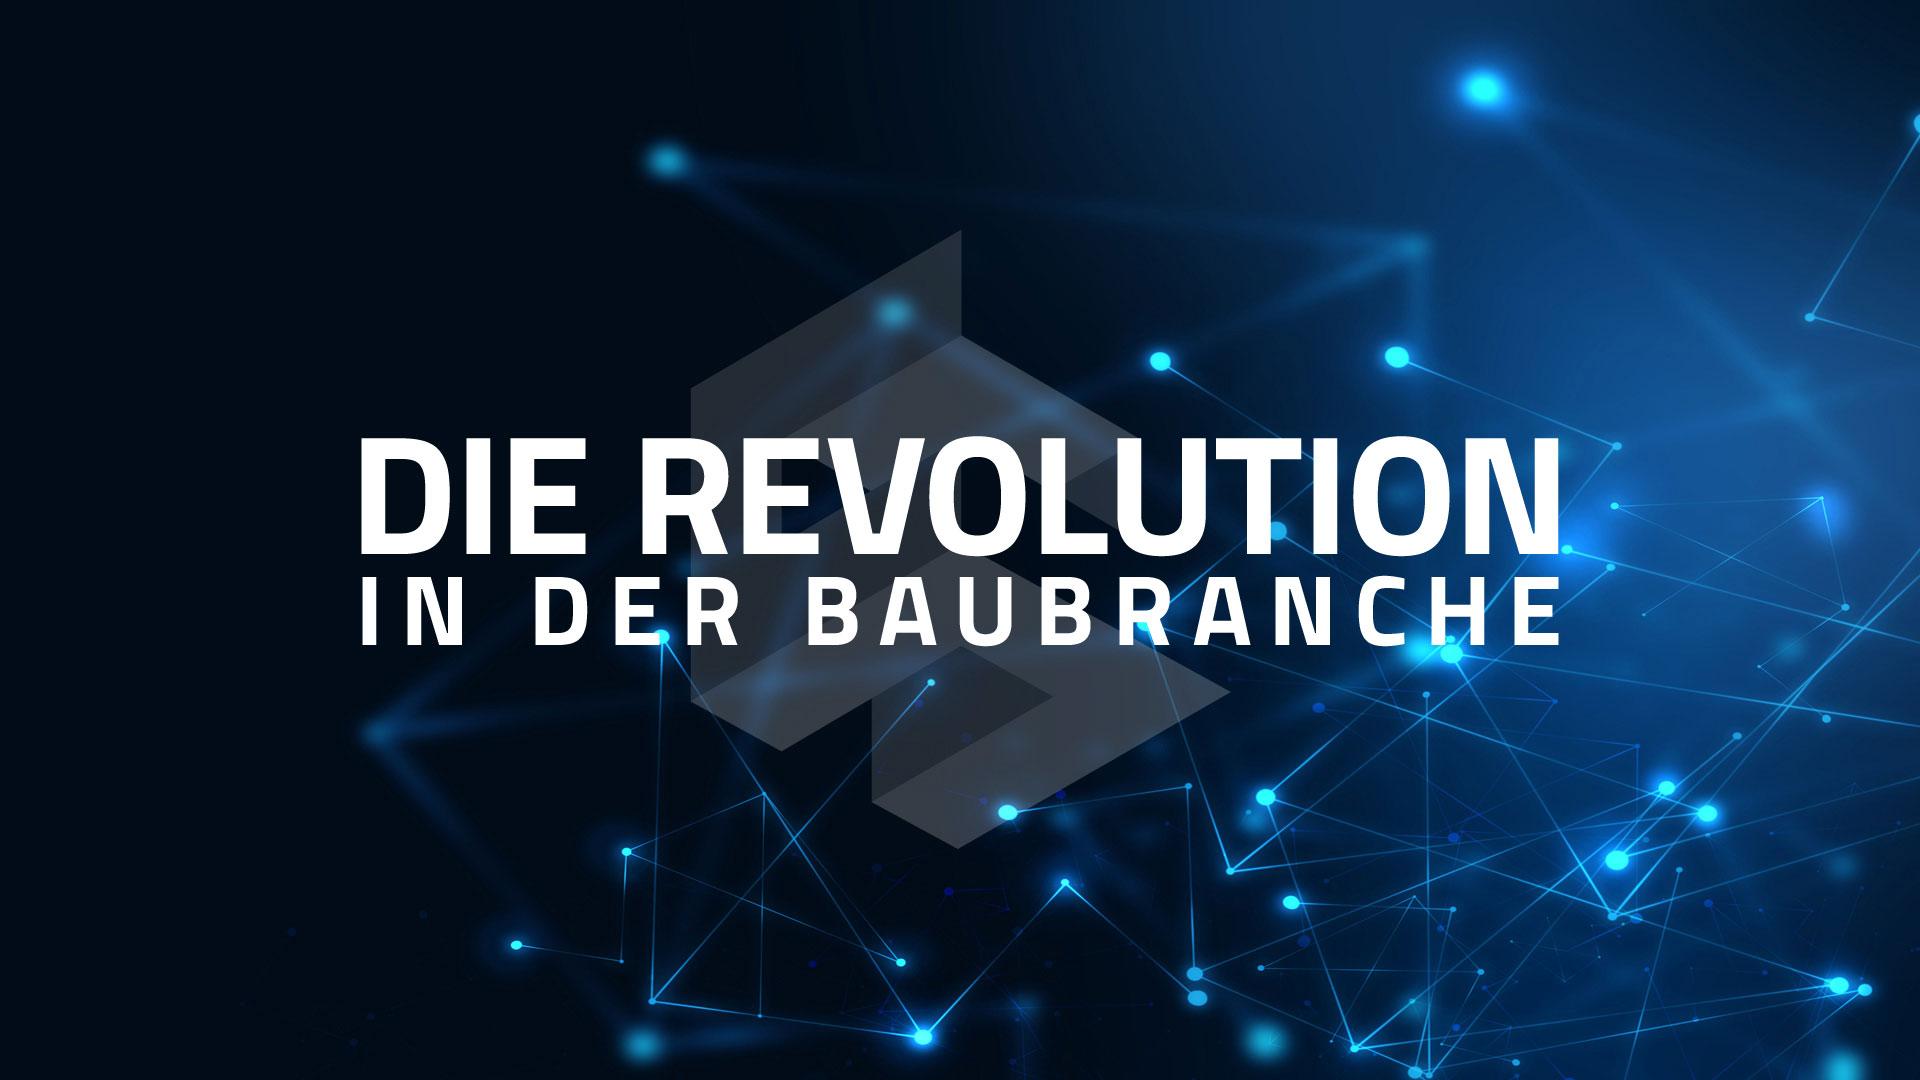 DIE REVOLUTION IN DER BAUBRANCHE